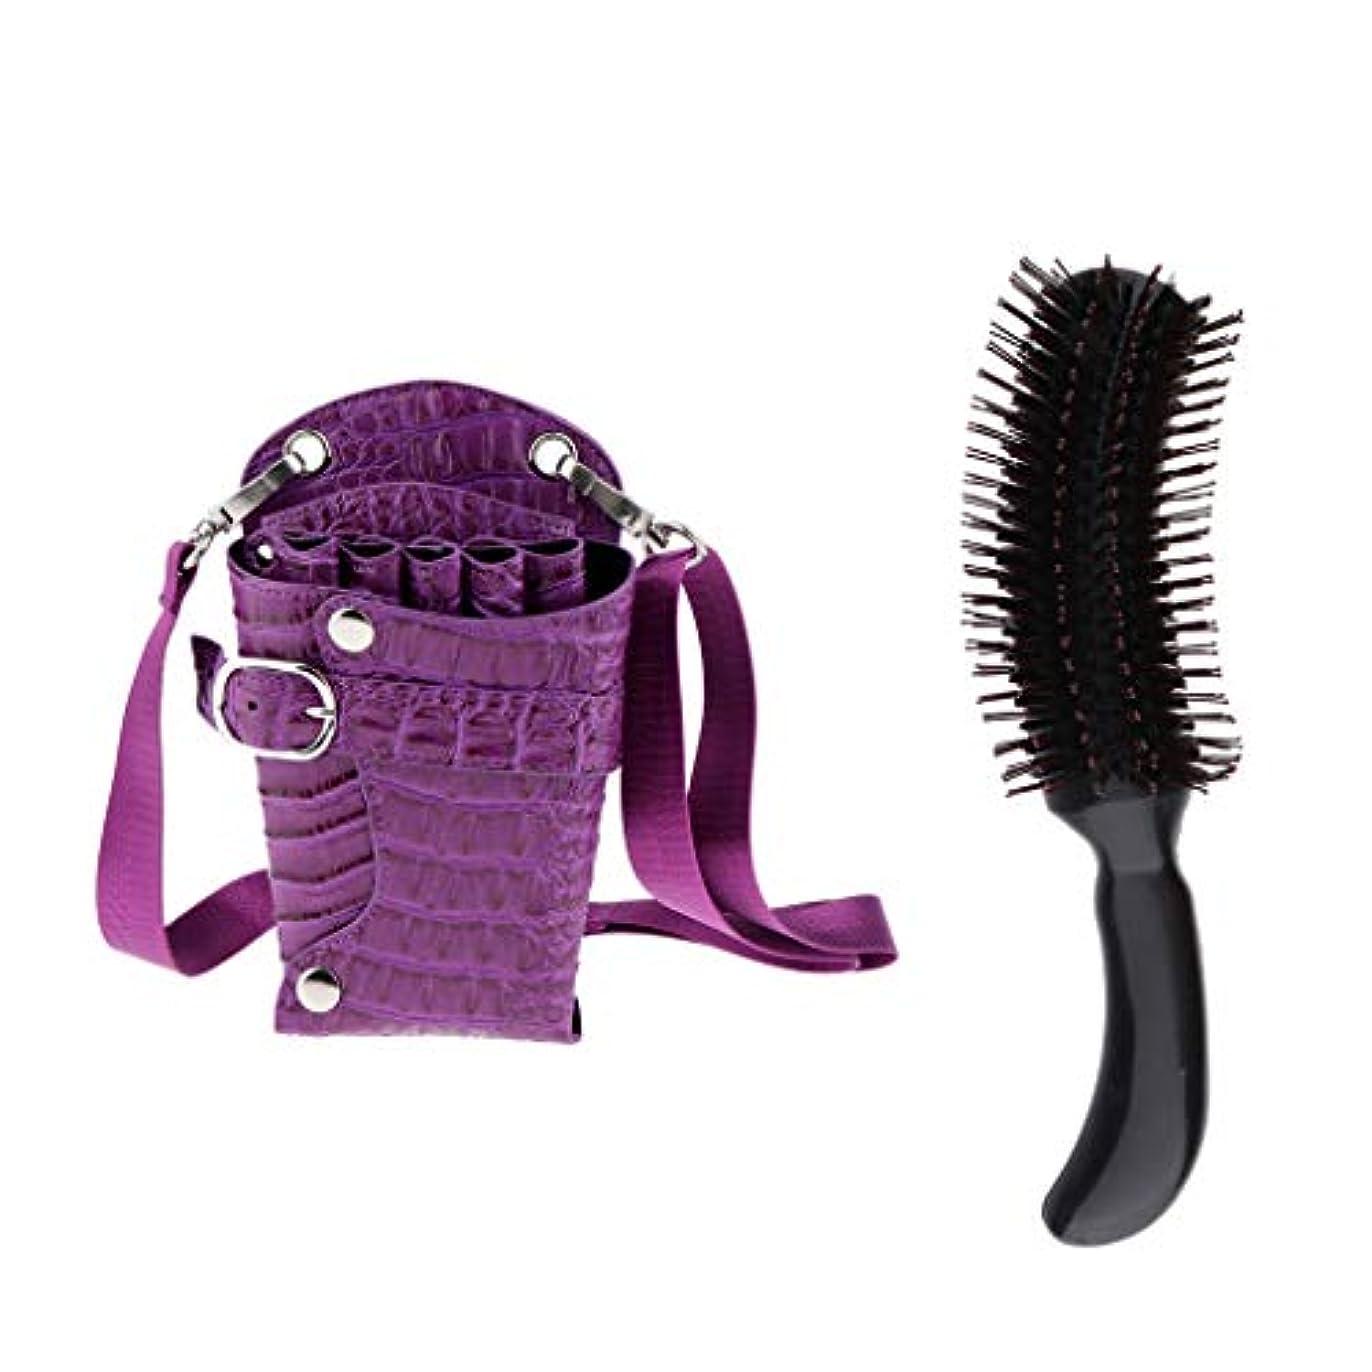 サリー豚肉干渉するDYNWAVE 理髪はさみツールホルダーケース&スタイリングデタングルヘアブラシS形状